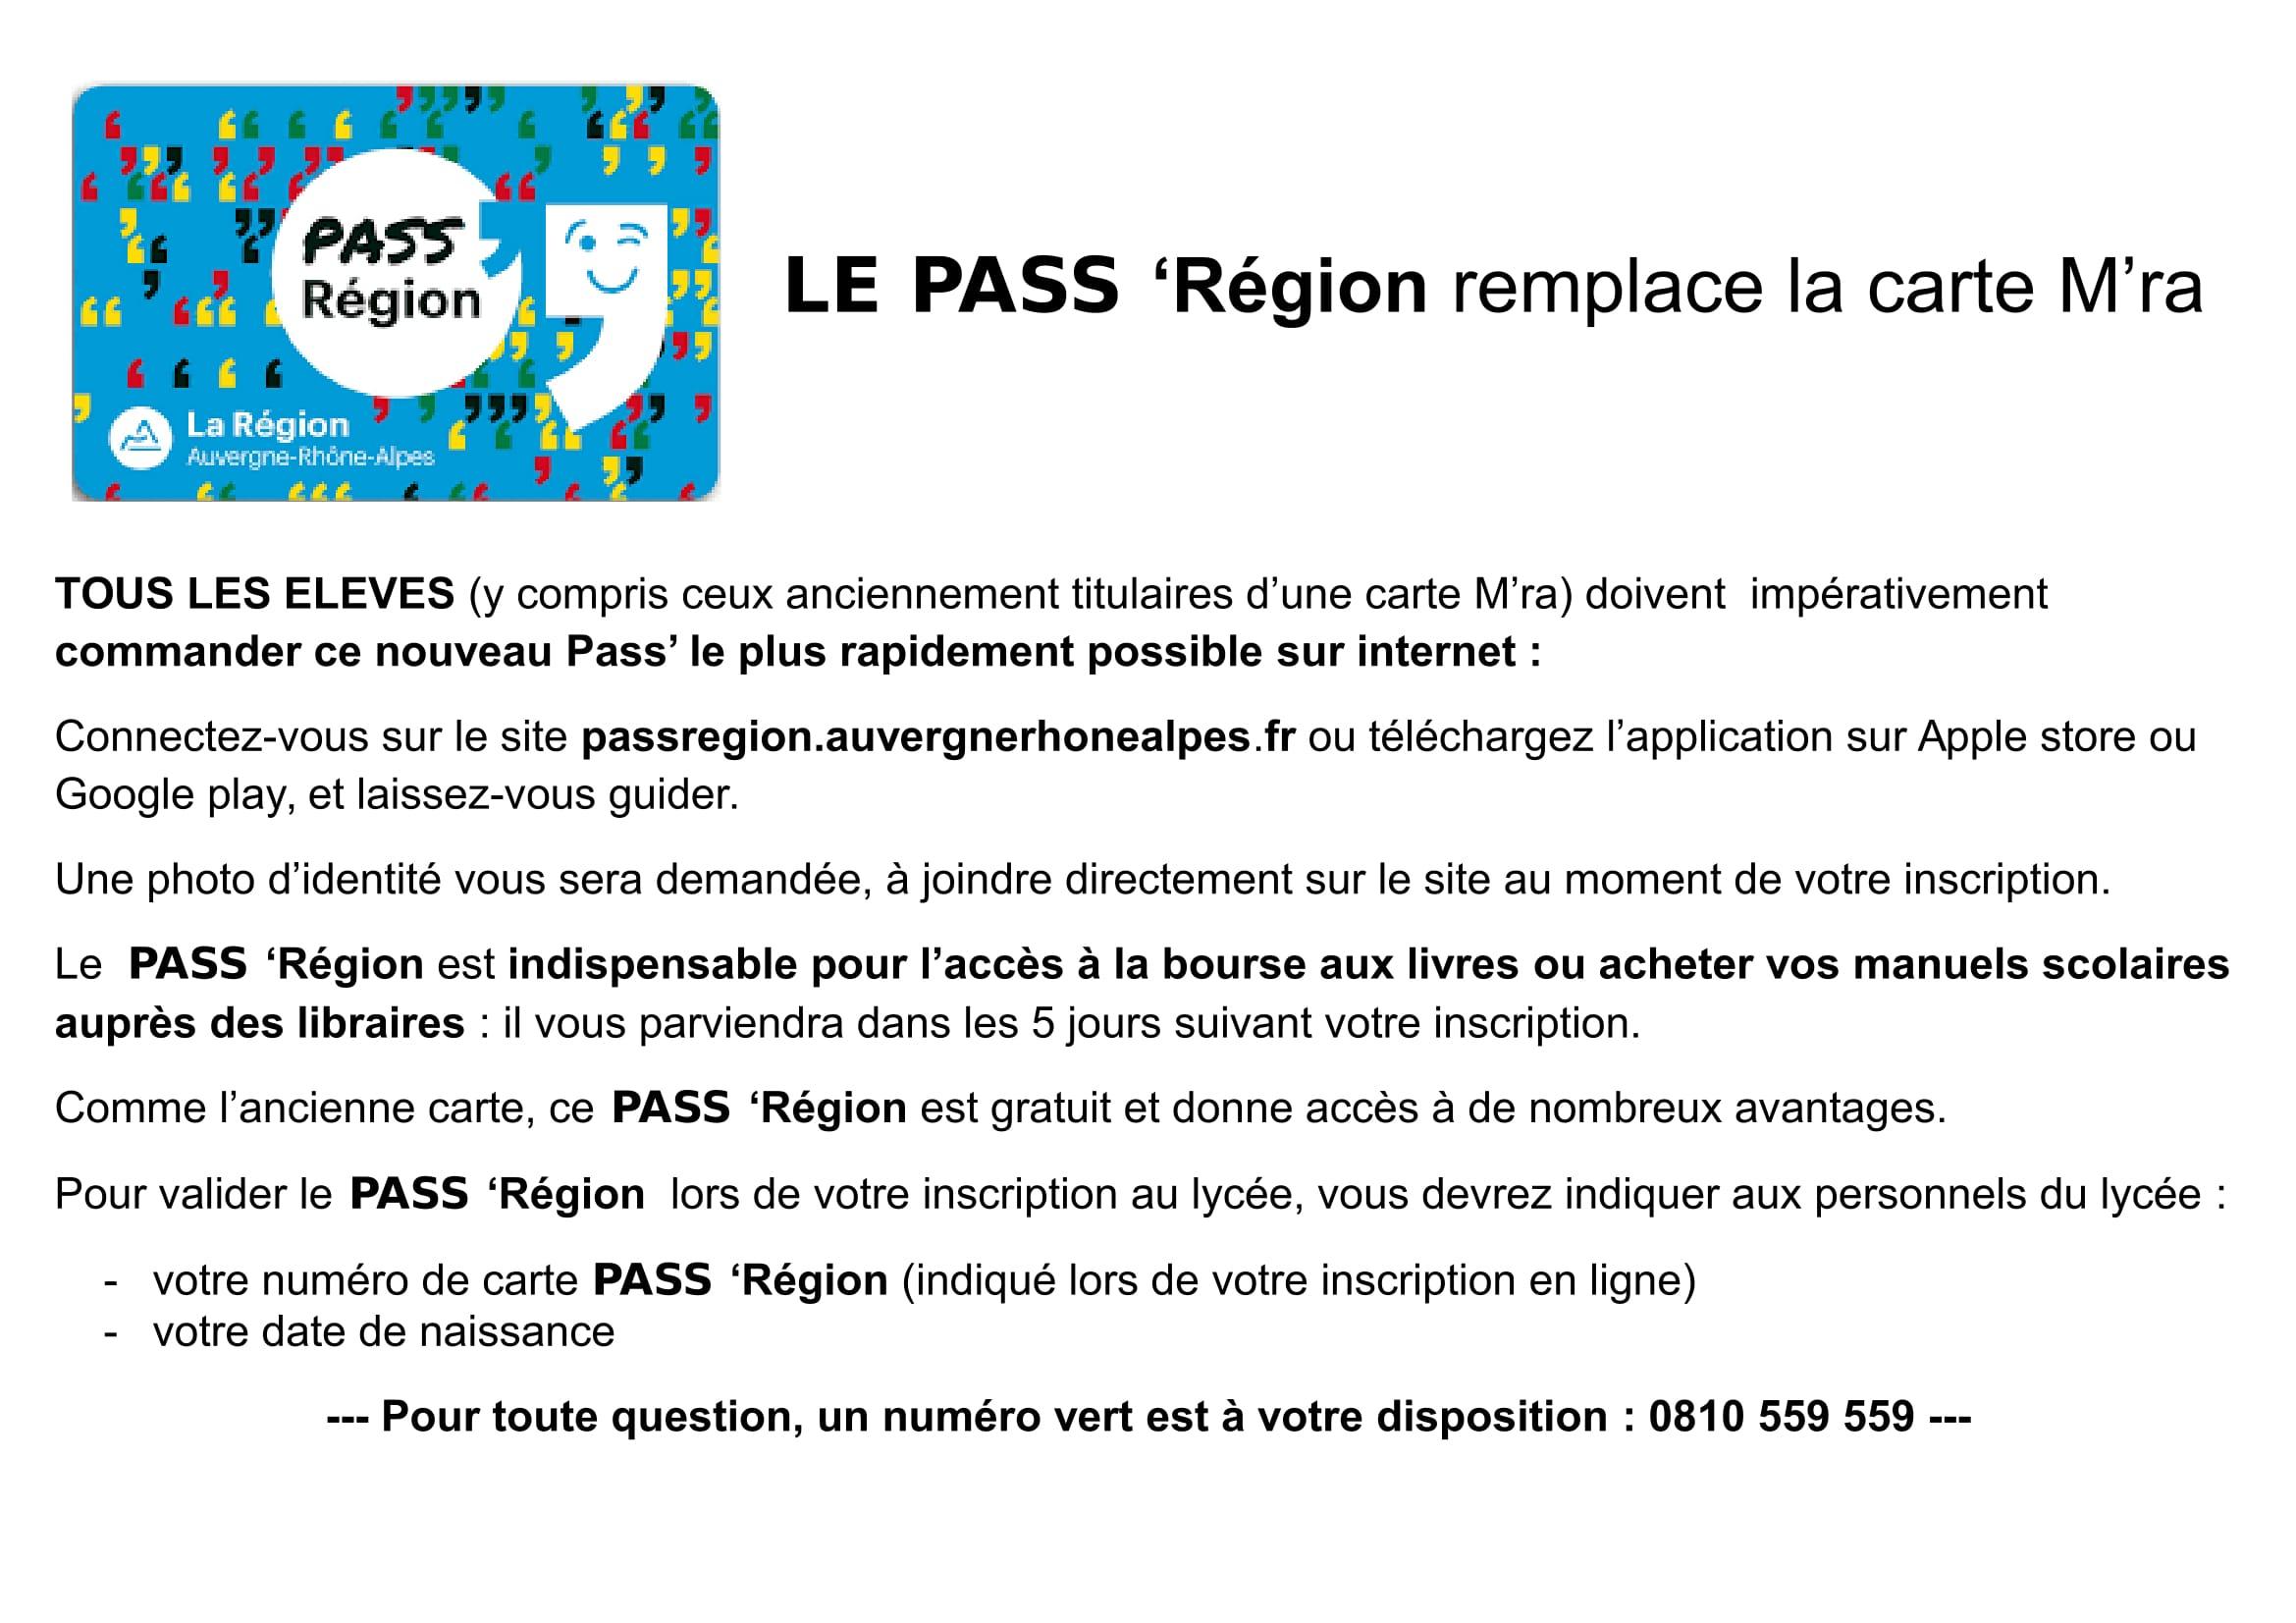 Le Pass Region Remplace La Carte M Ra